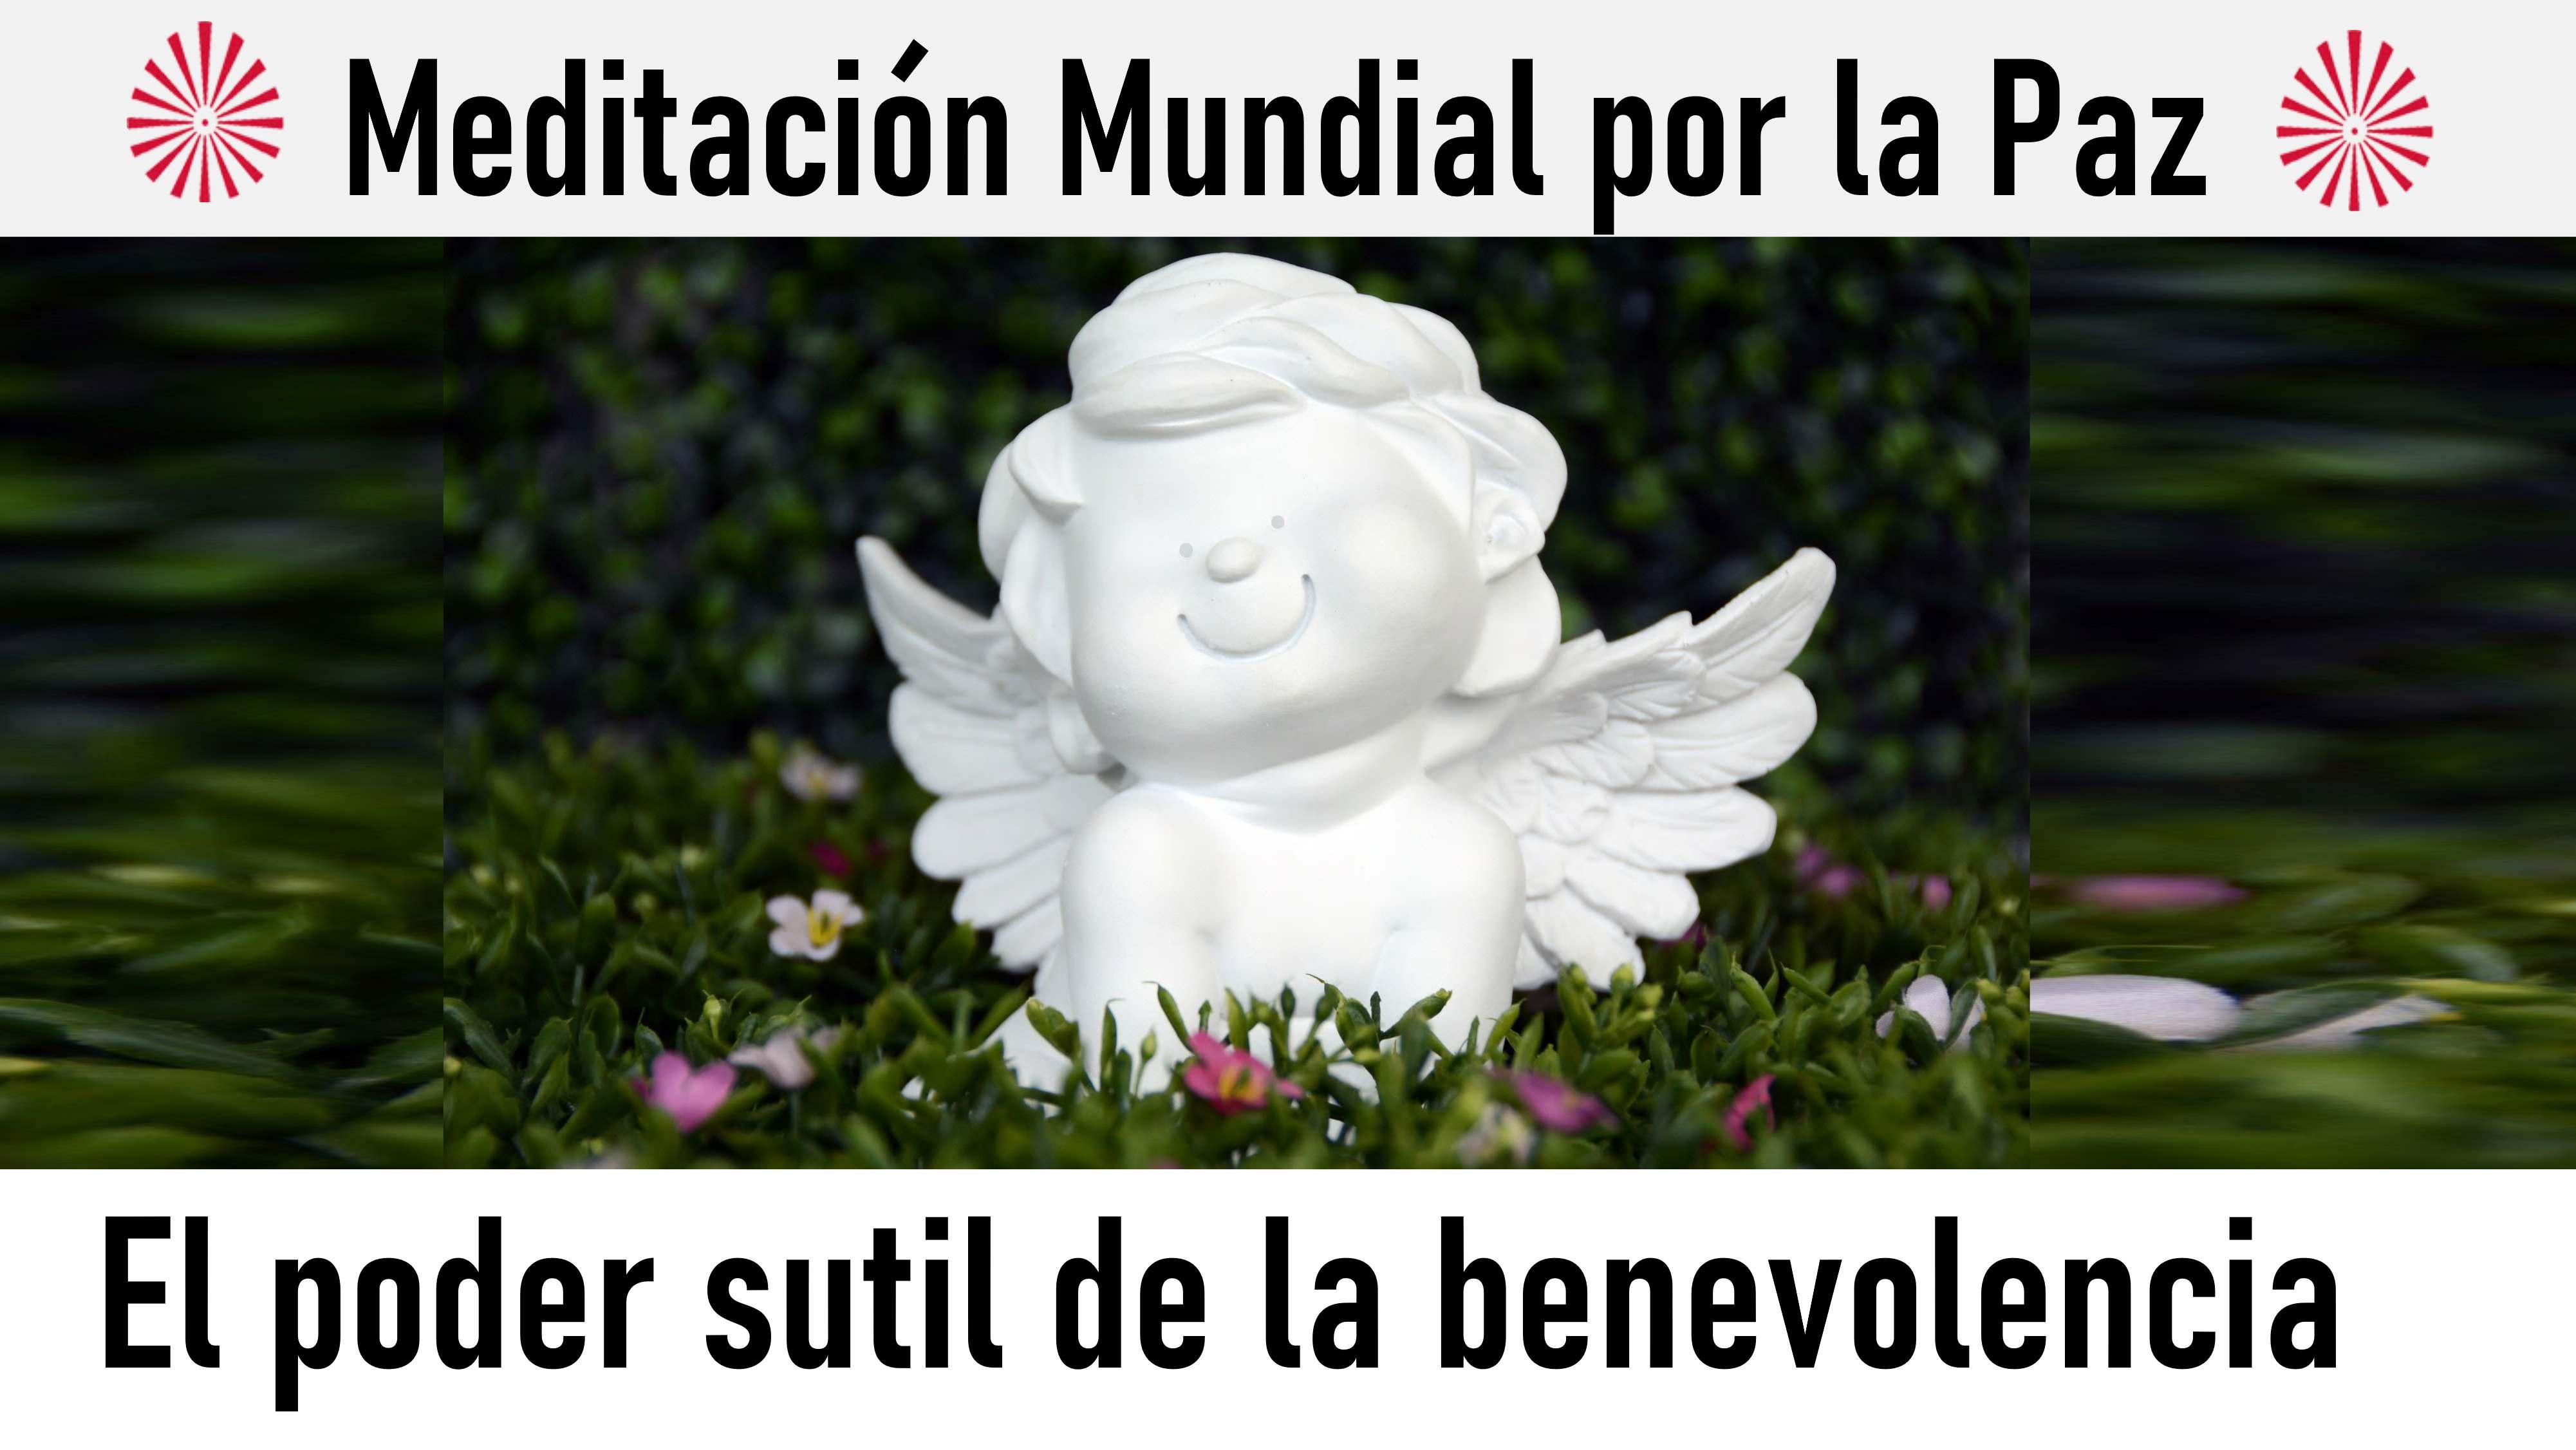 Meditación por la paz en el mundo:El poder sutil de la benevolencia (16 Agosto 2020) On-line desde Valencia